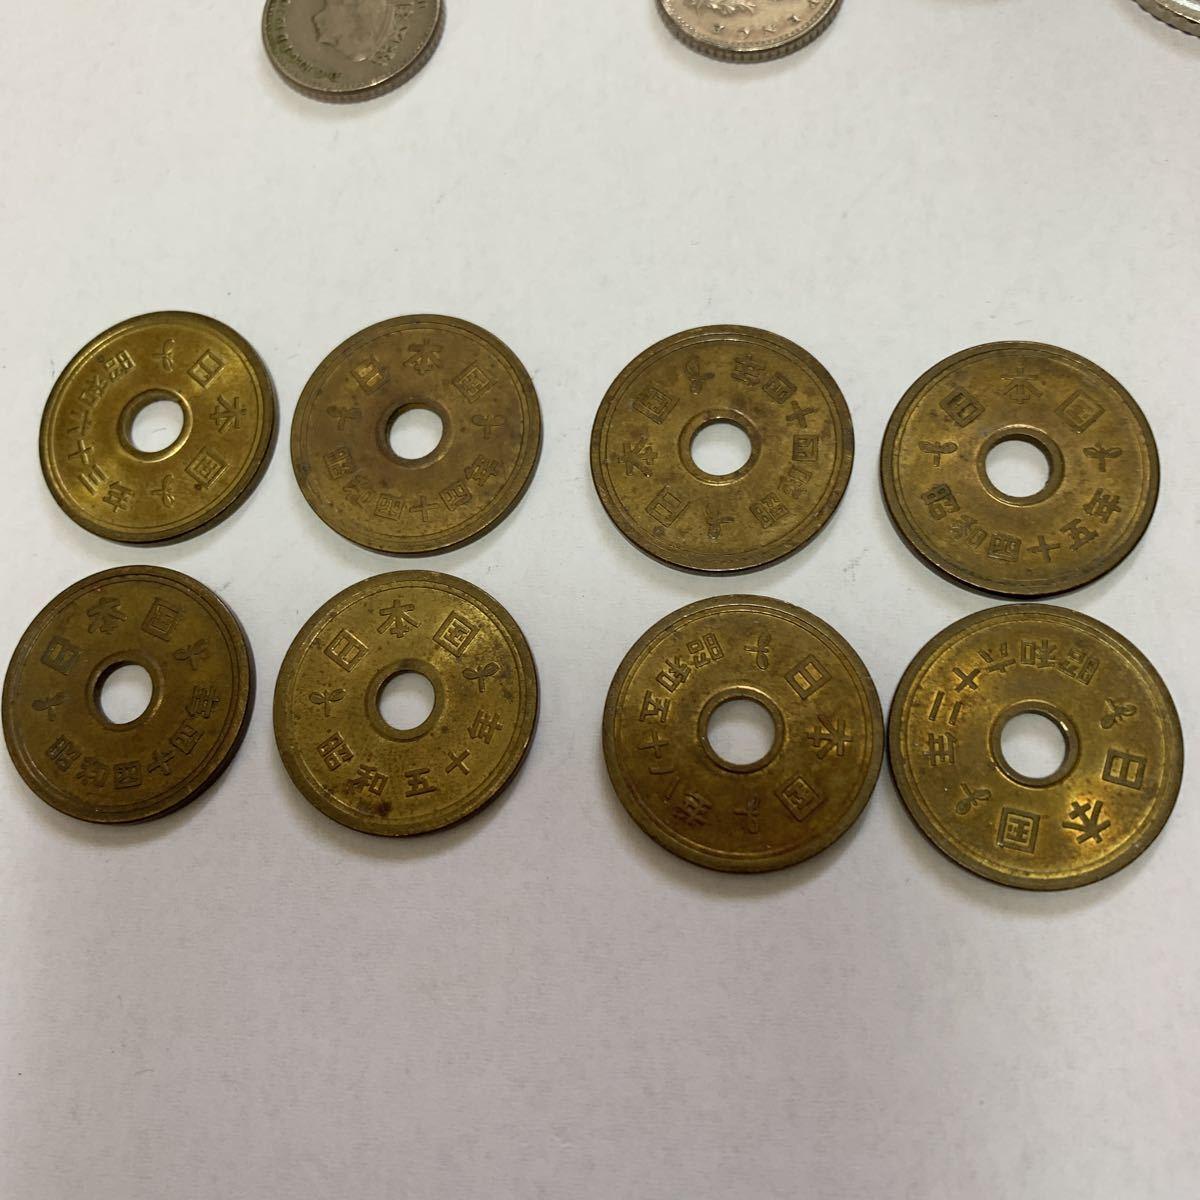 外国旅行した際に持って帰ってきた各国のコインと昭和の5円玉_画像4